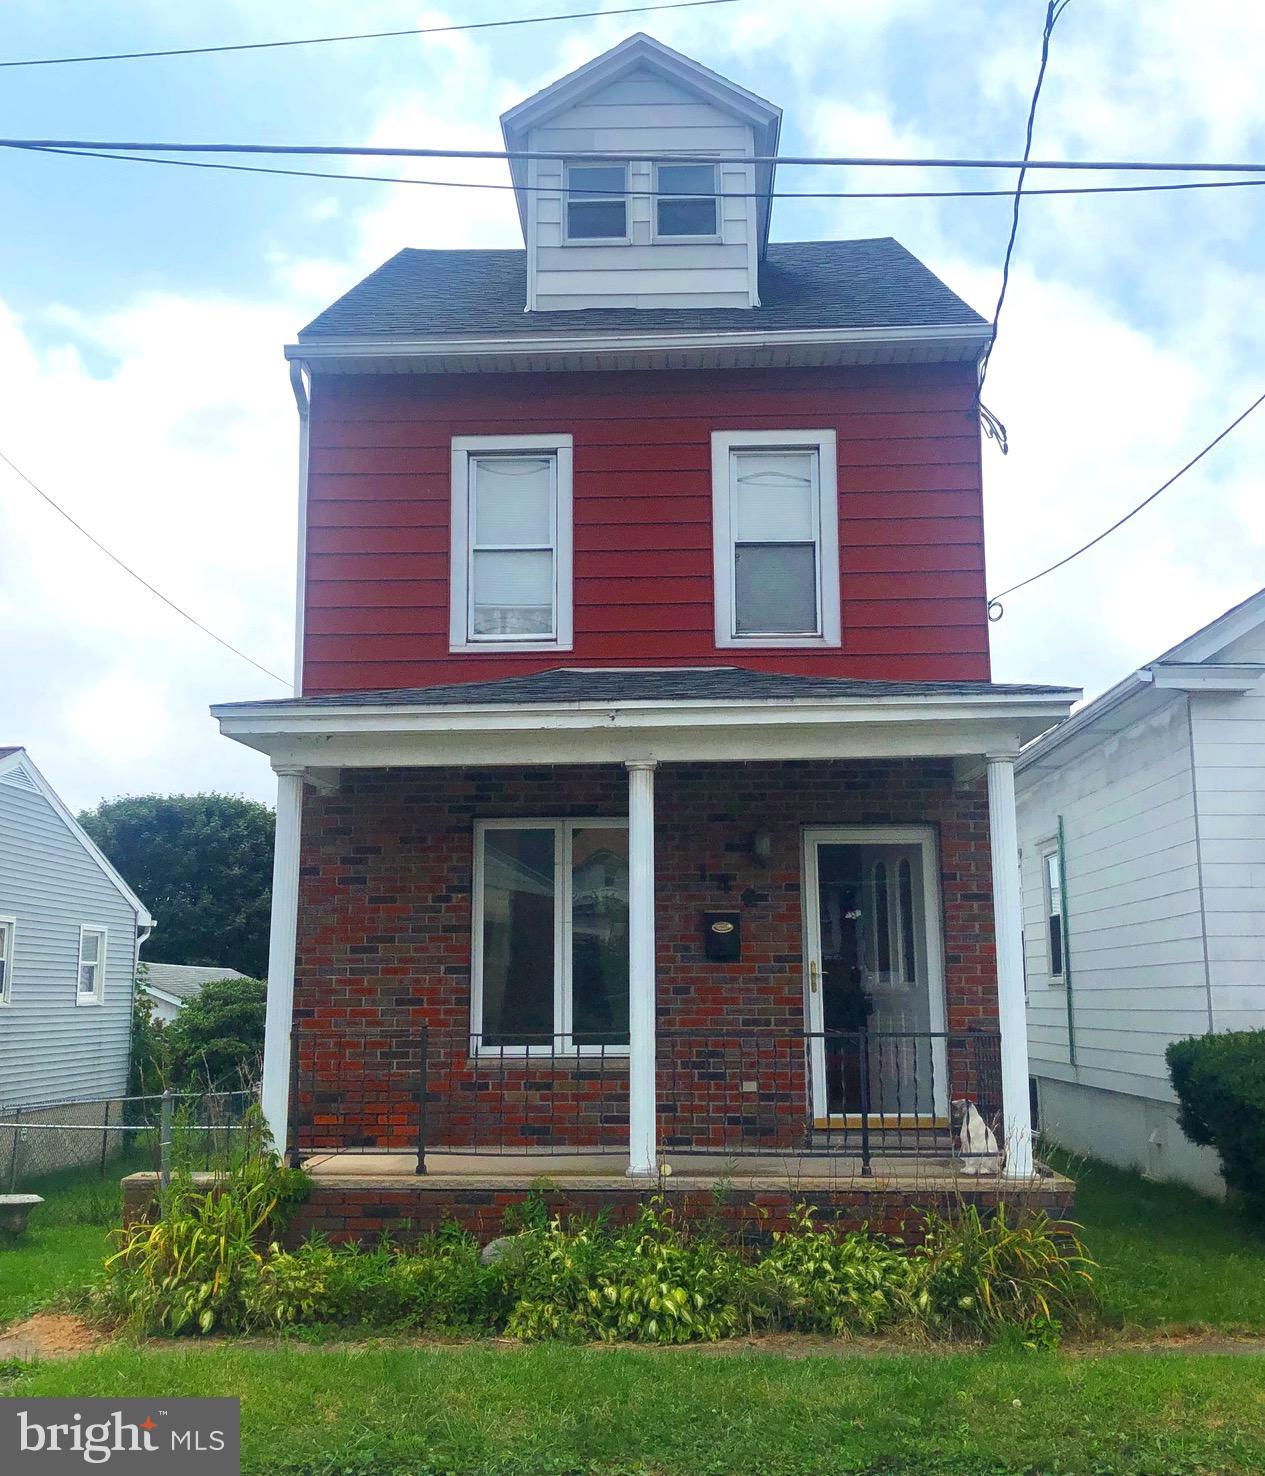 142 S WYLAM STREET, FRACKVILLE, PA 17931